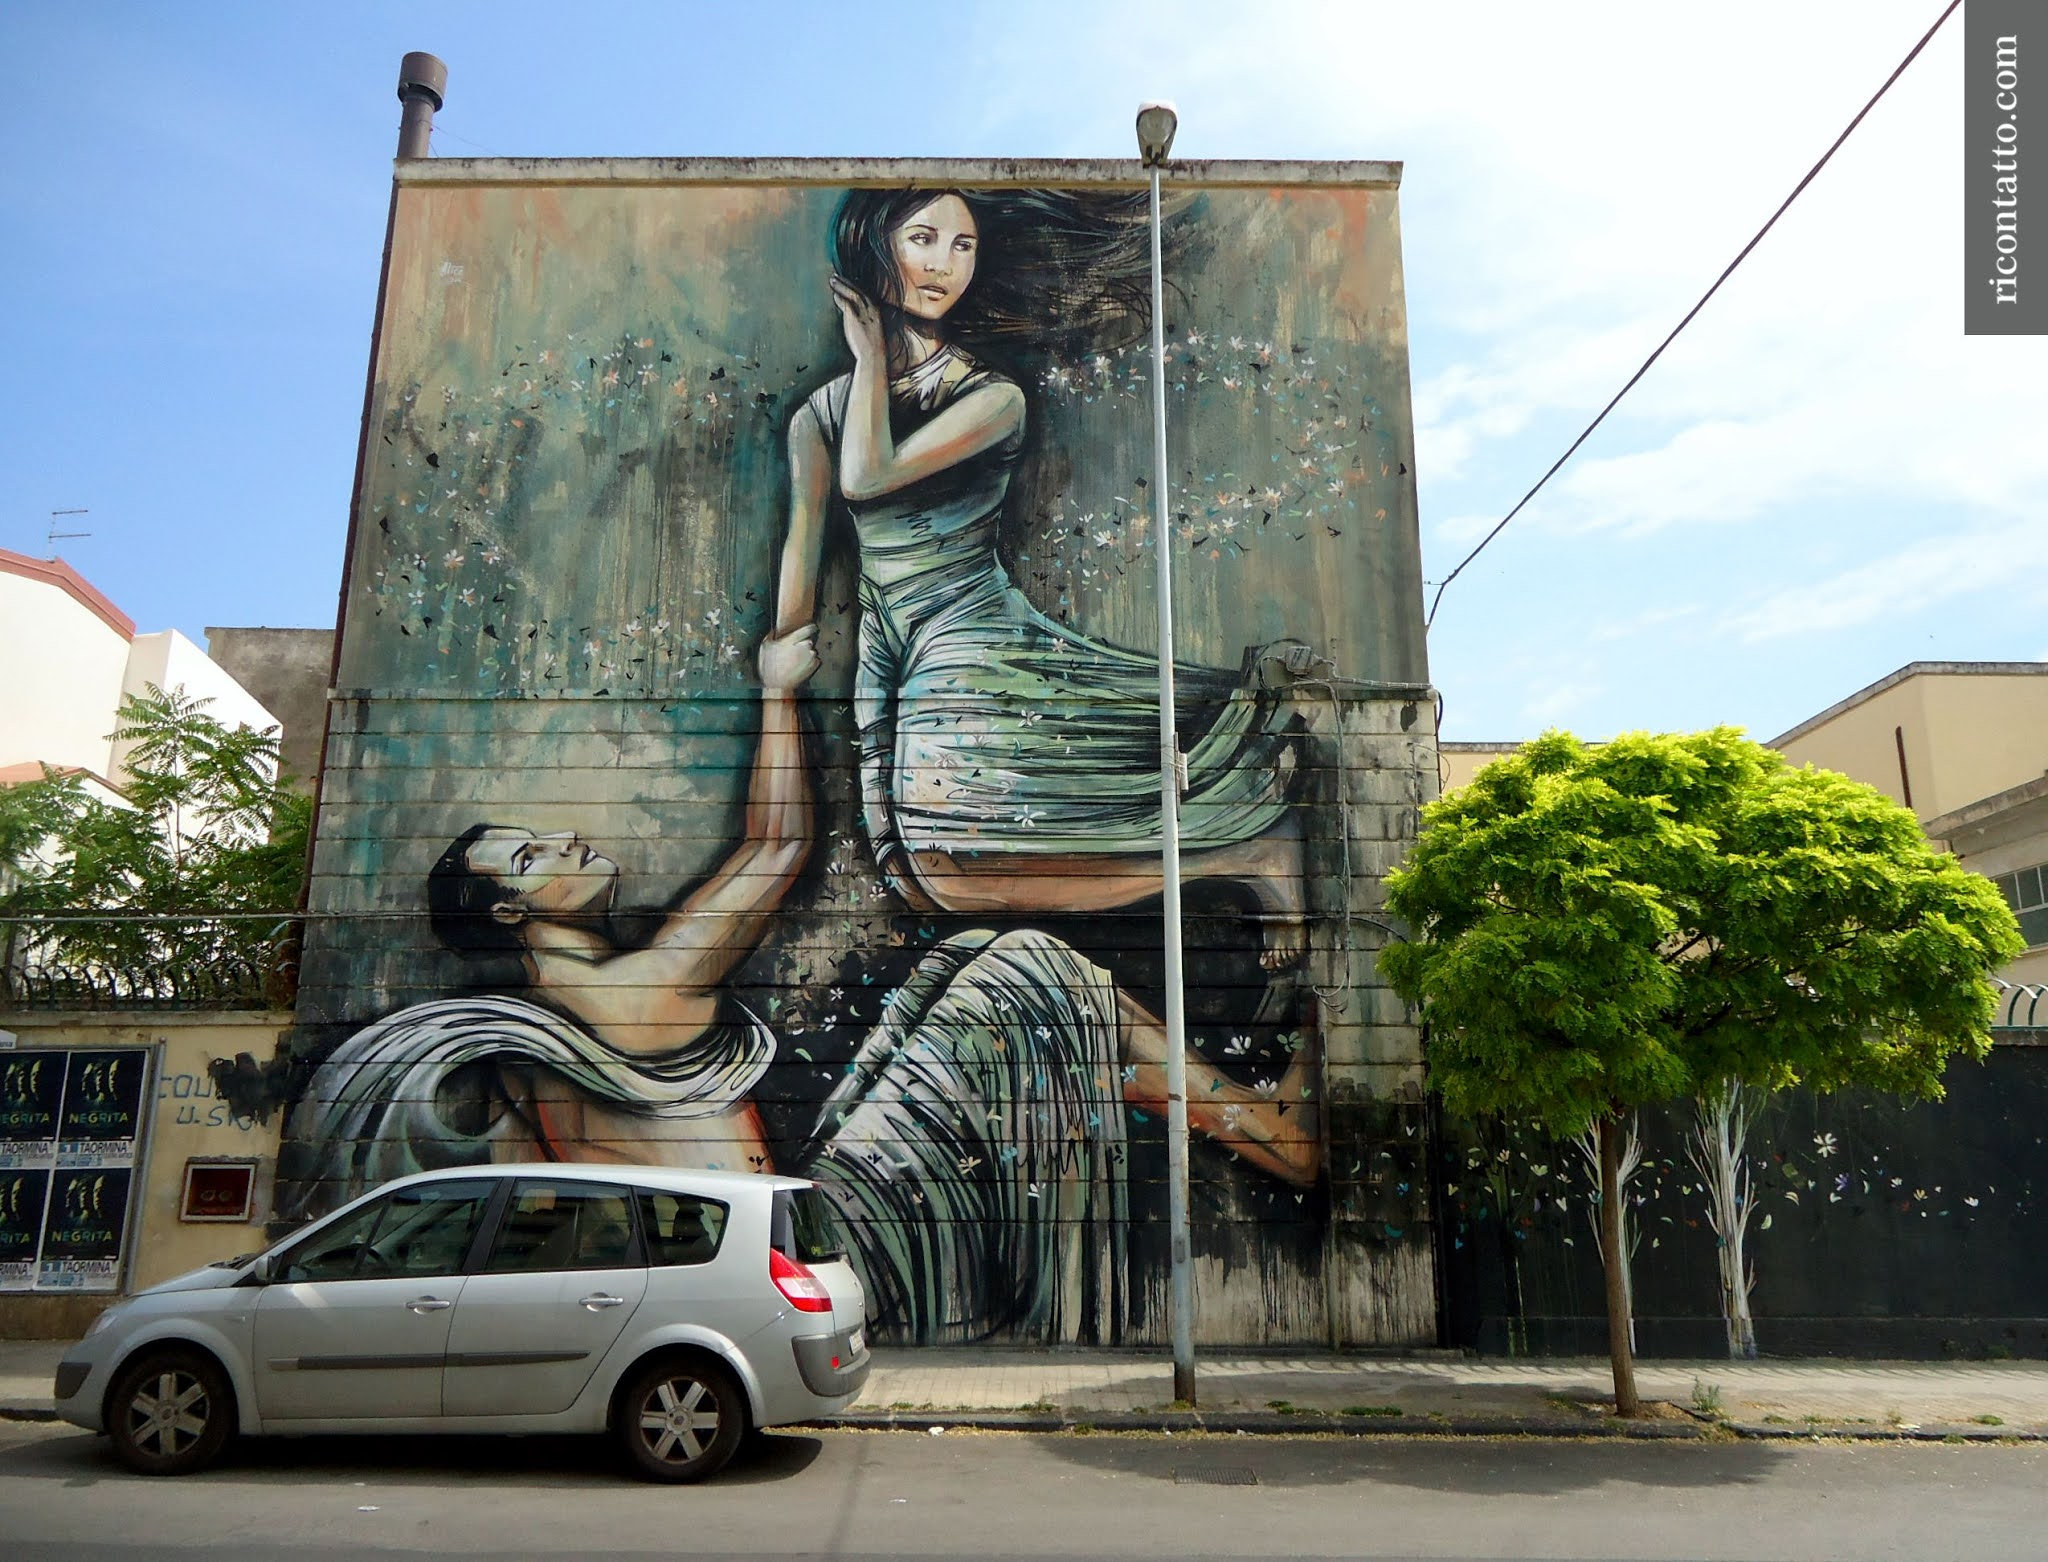 Siracusa, Sicilia, Italy - Photo #05 by Ricontatto.com